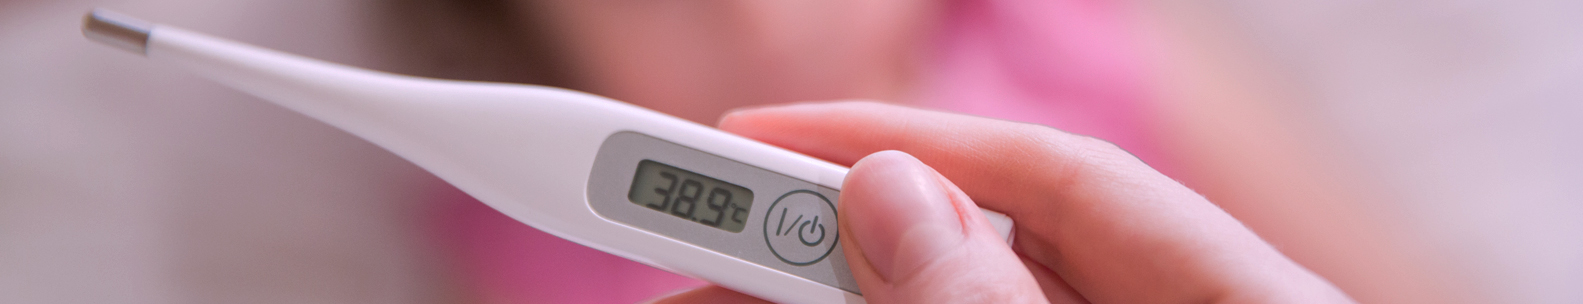 Medicininiai termometrai  Higieniški, aukštos kokybės kontaktiniai ir nekontaktiniai medicininiai termometrai